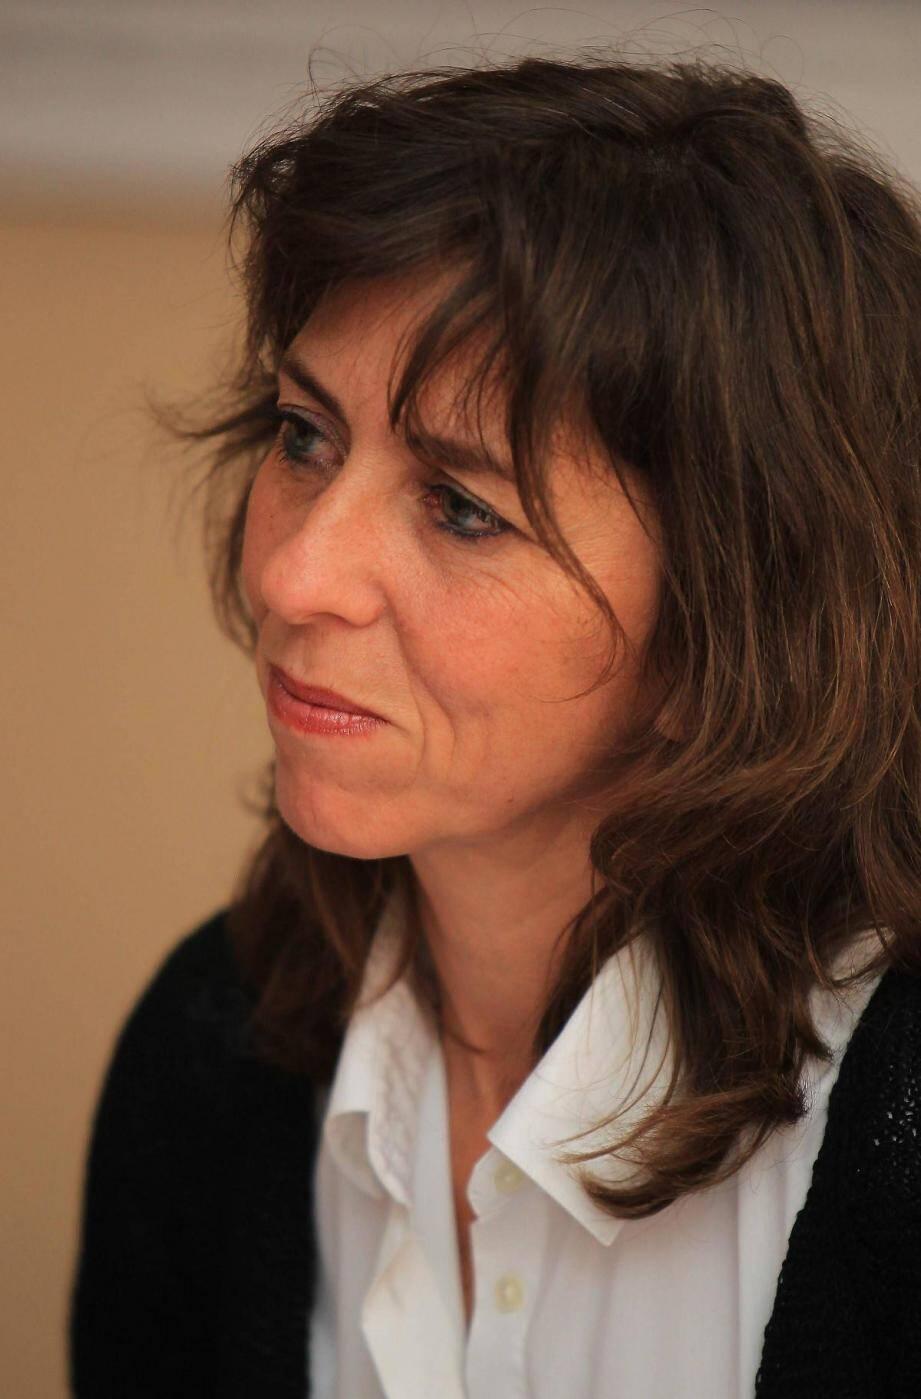 Le débat était animé par Nancy Cattan, chef de rubrique santé, en présence d'Axelle Truquet, journaliste santé, et de Pascale Primi, également journaliste qui a occupé de nombreux postes à la rédaction de « Nice-Matin ».